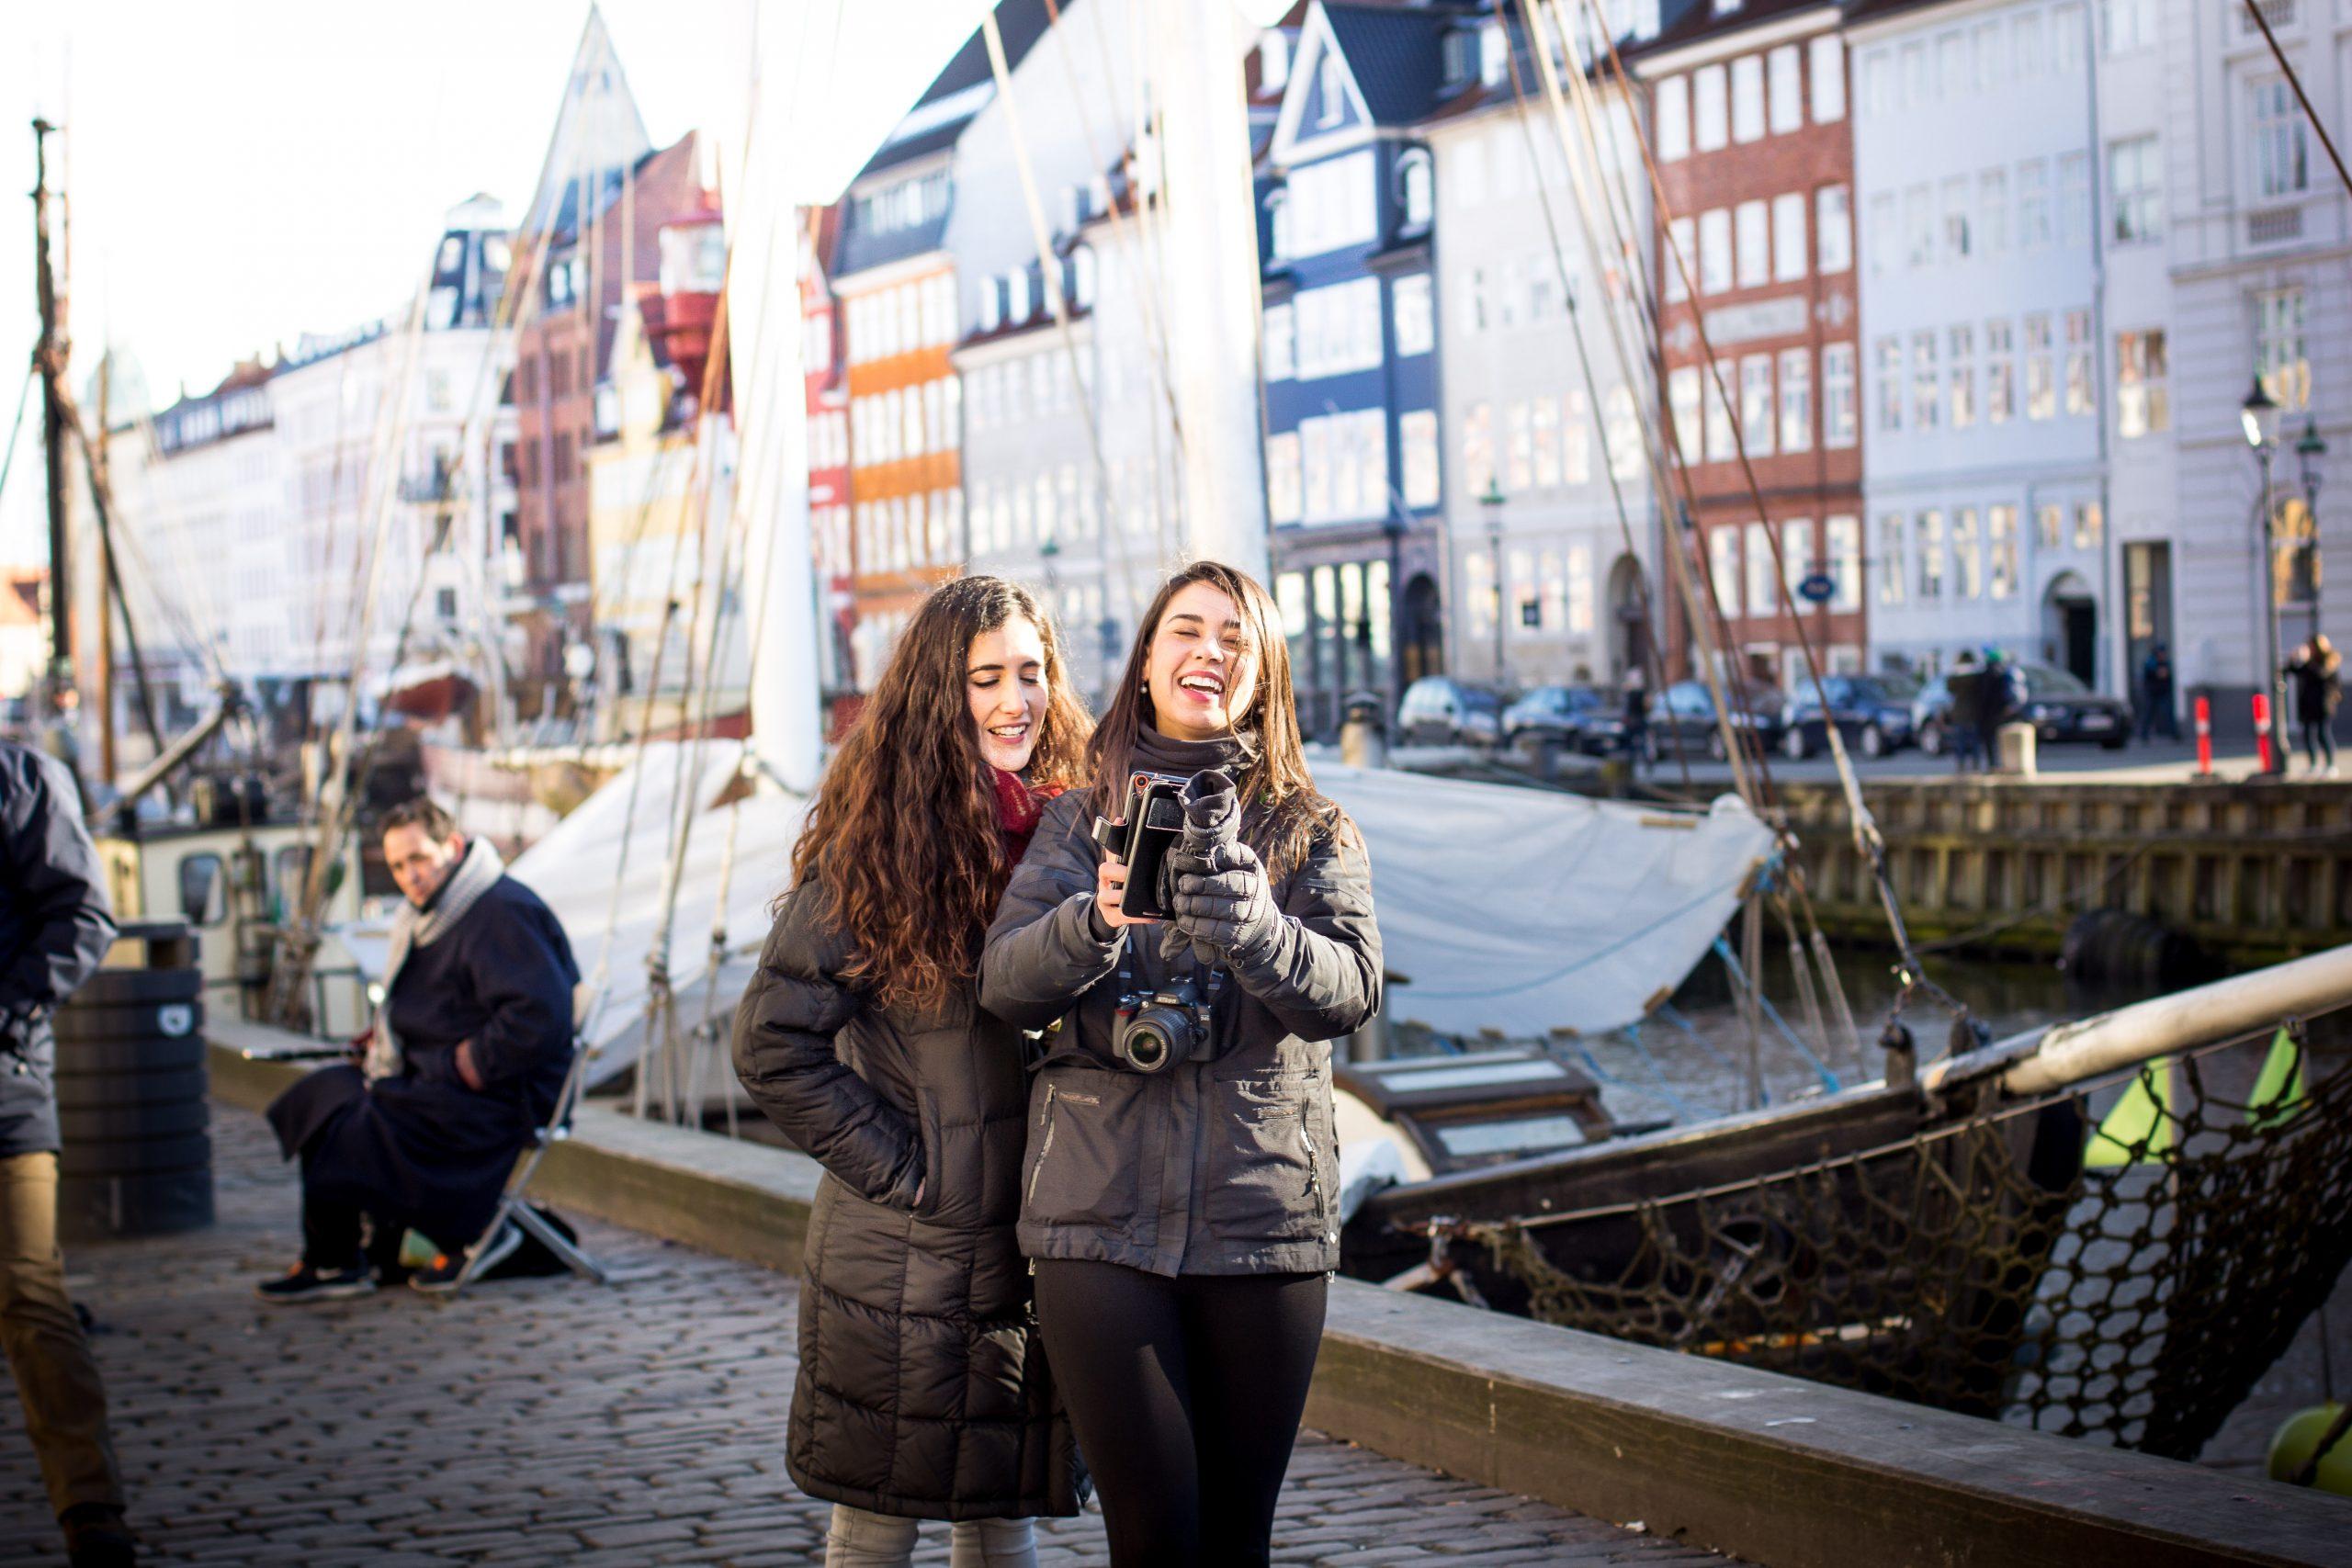 Danmark tjener under normale år milliarder på omsætning fra turister fra ind- og udland. Arkivpressefoto fra VisitDenmark: Malin Jansson.